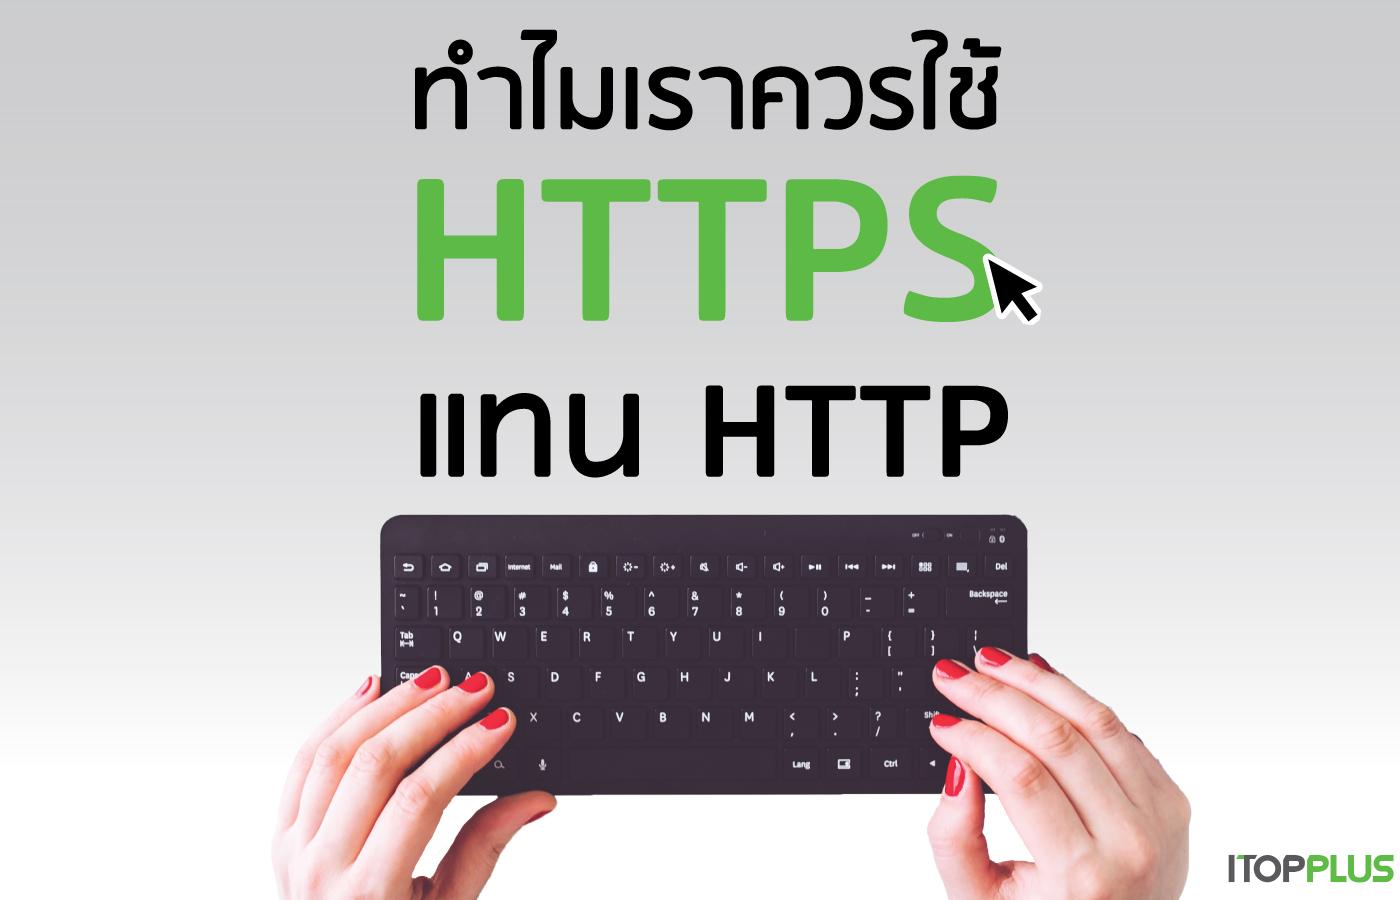 ทำไม? เราควรใช้ HTTPS แทน HTTP